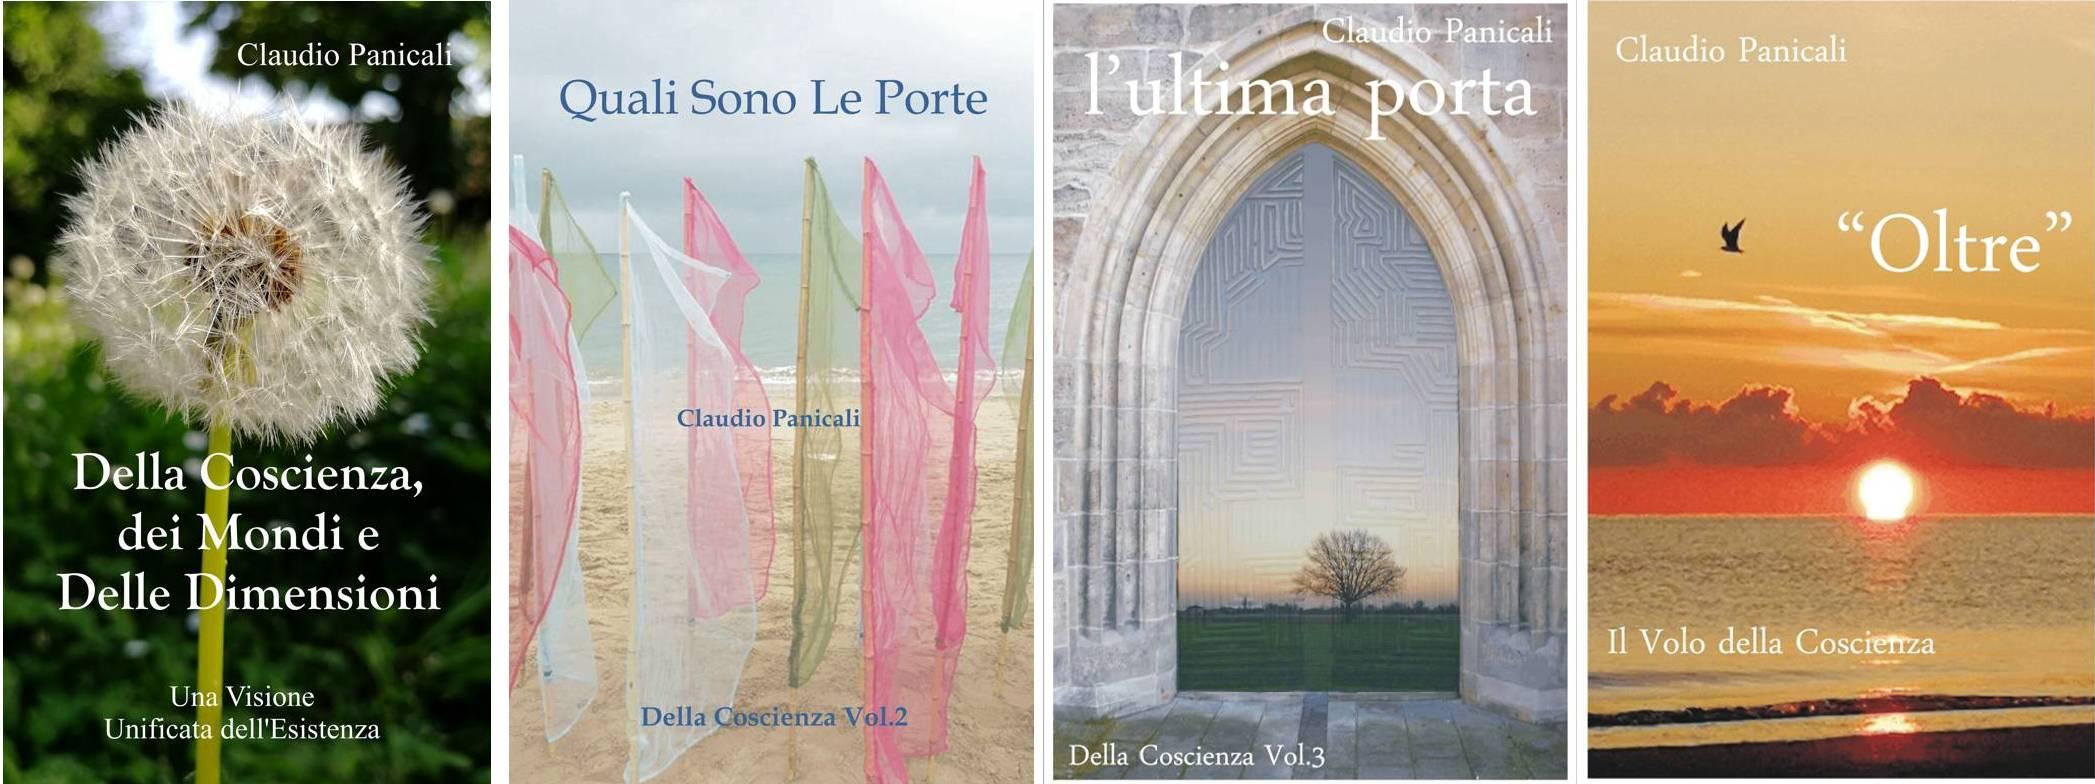 I Quattro Librijpg